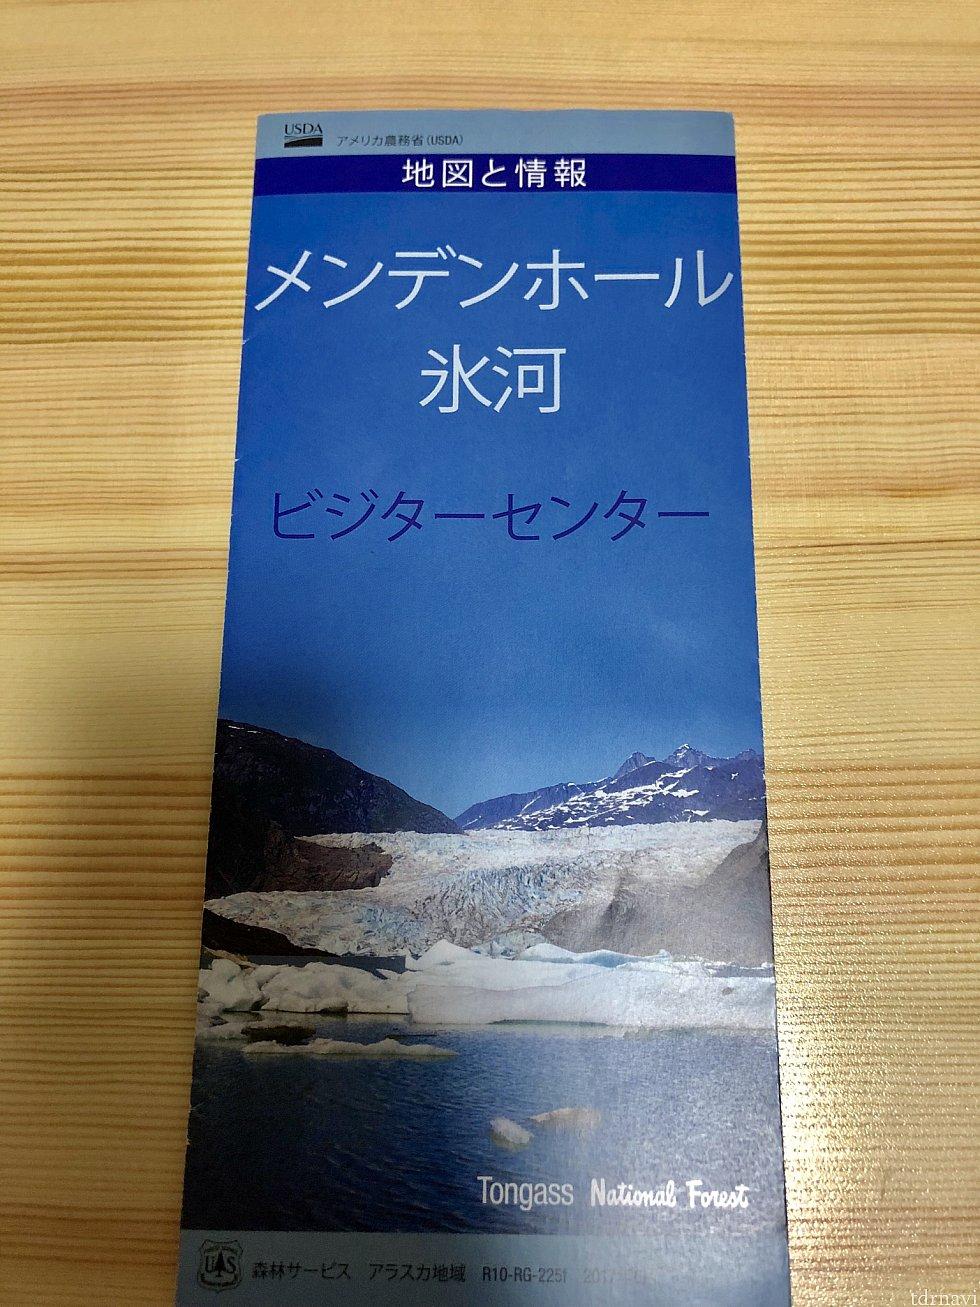 日本語ガイドマップ 英語が自信ない方はぜひもらいましょう!